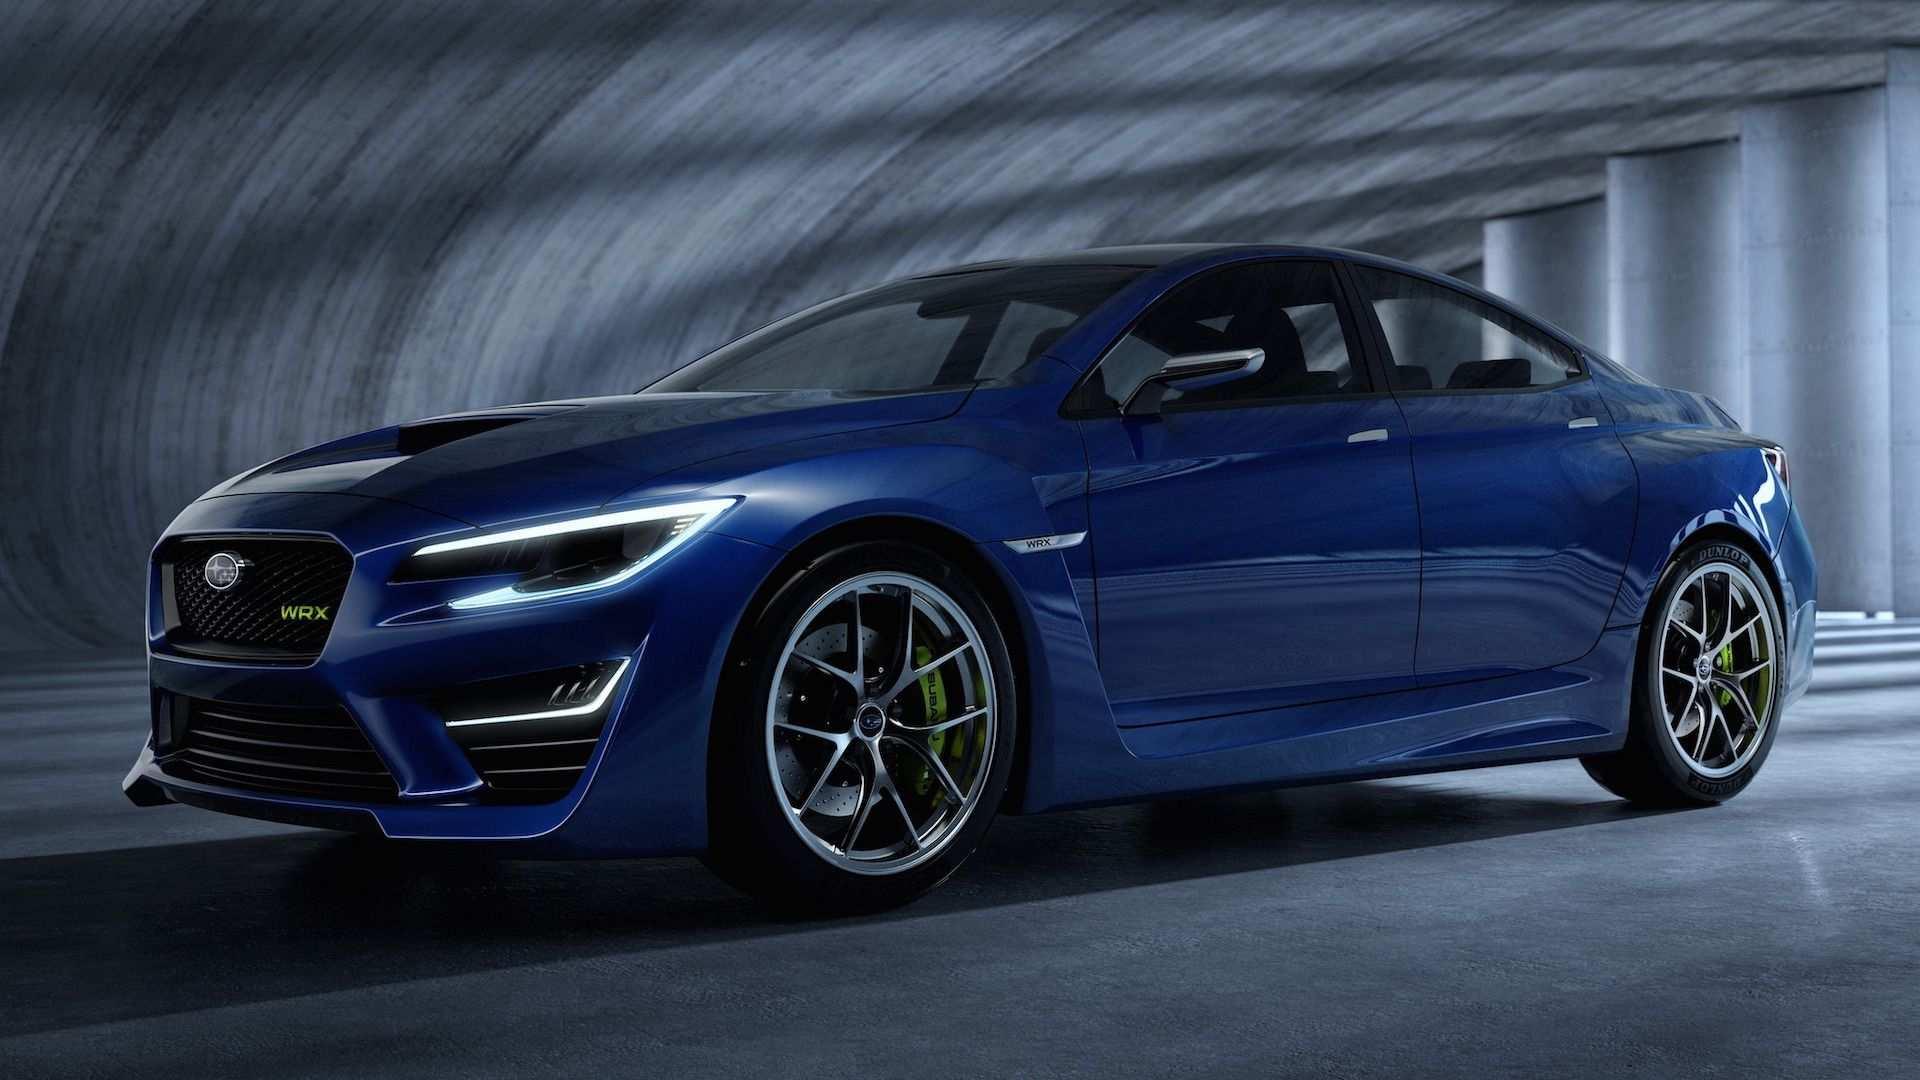 83 All New 2020 Subaru Brz Sti Turbo Specs by 2020 Subaru Brz Sti Turbo